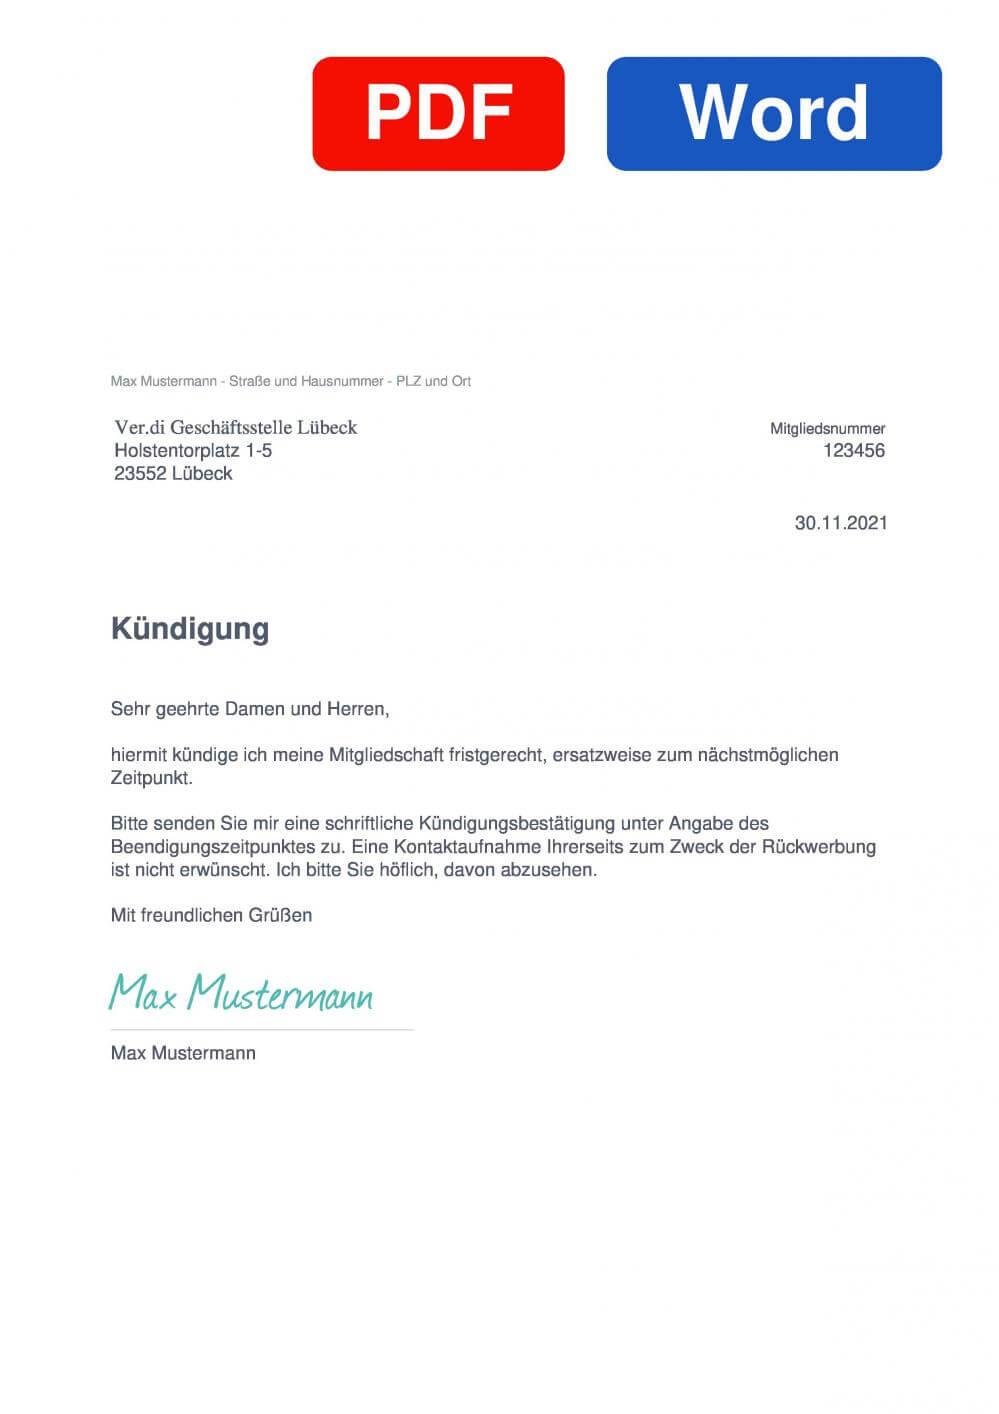 Verdi Lübeck Muster Vorlage für Kündigungsschreiben